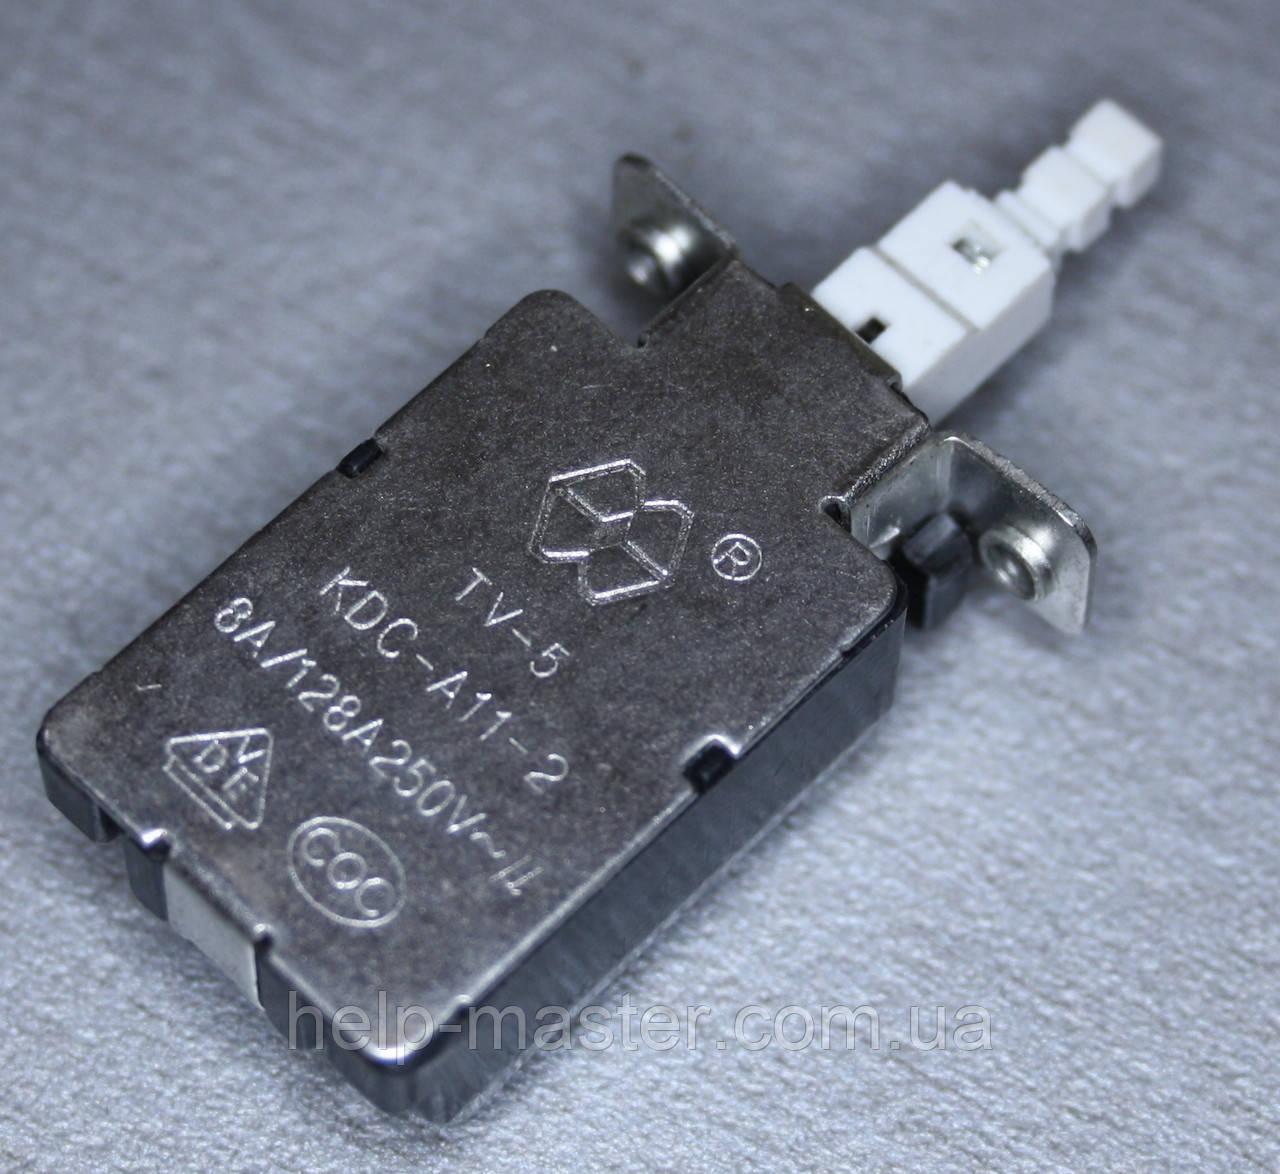 Кнопка для телевизора  KDC-A11-2  (pin 4)